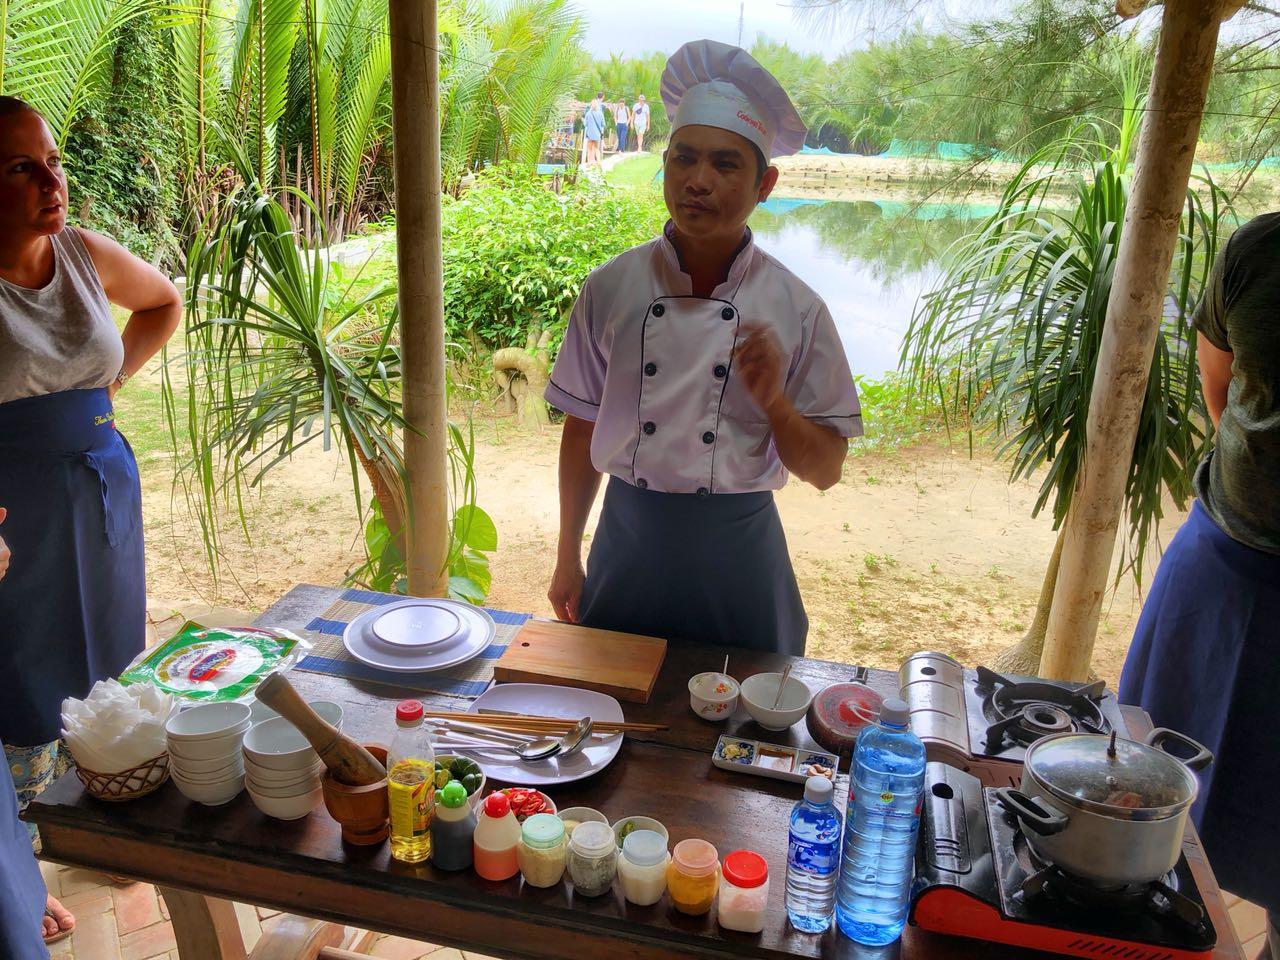 Chefkoch Hon, Cooking Class, Hoi An, Vietnam